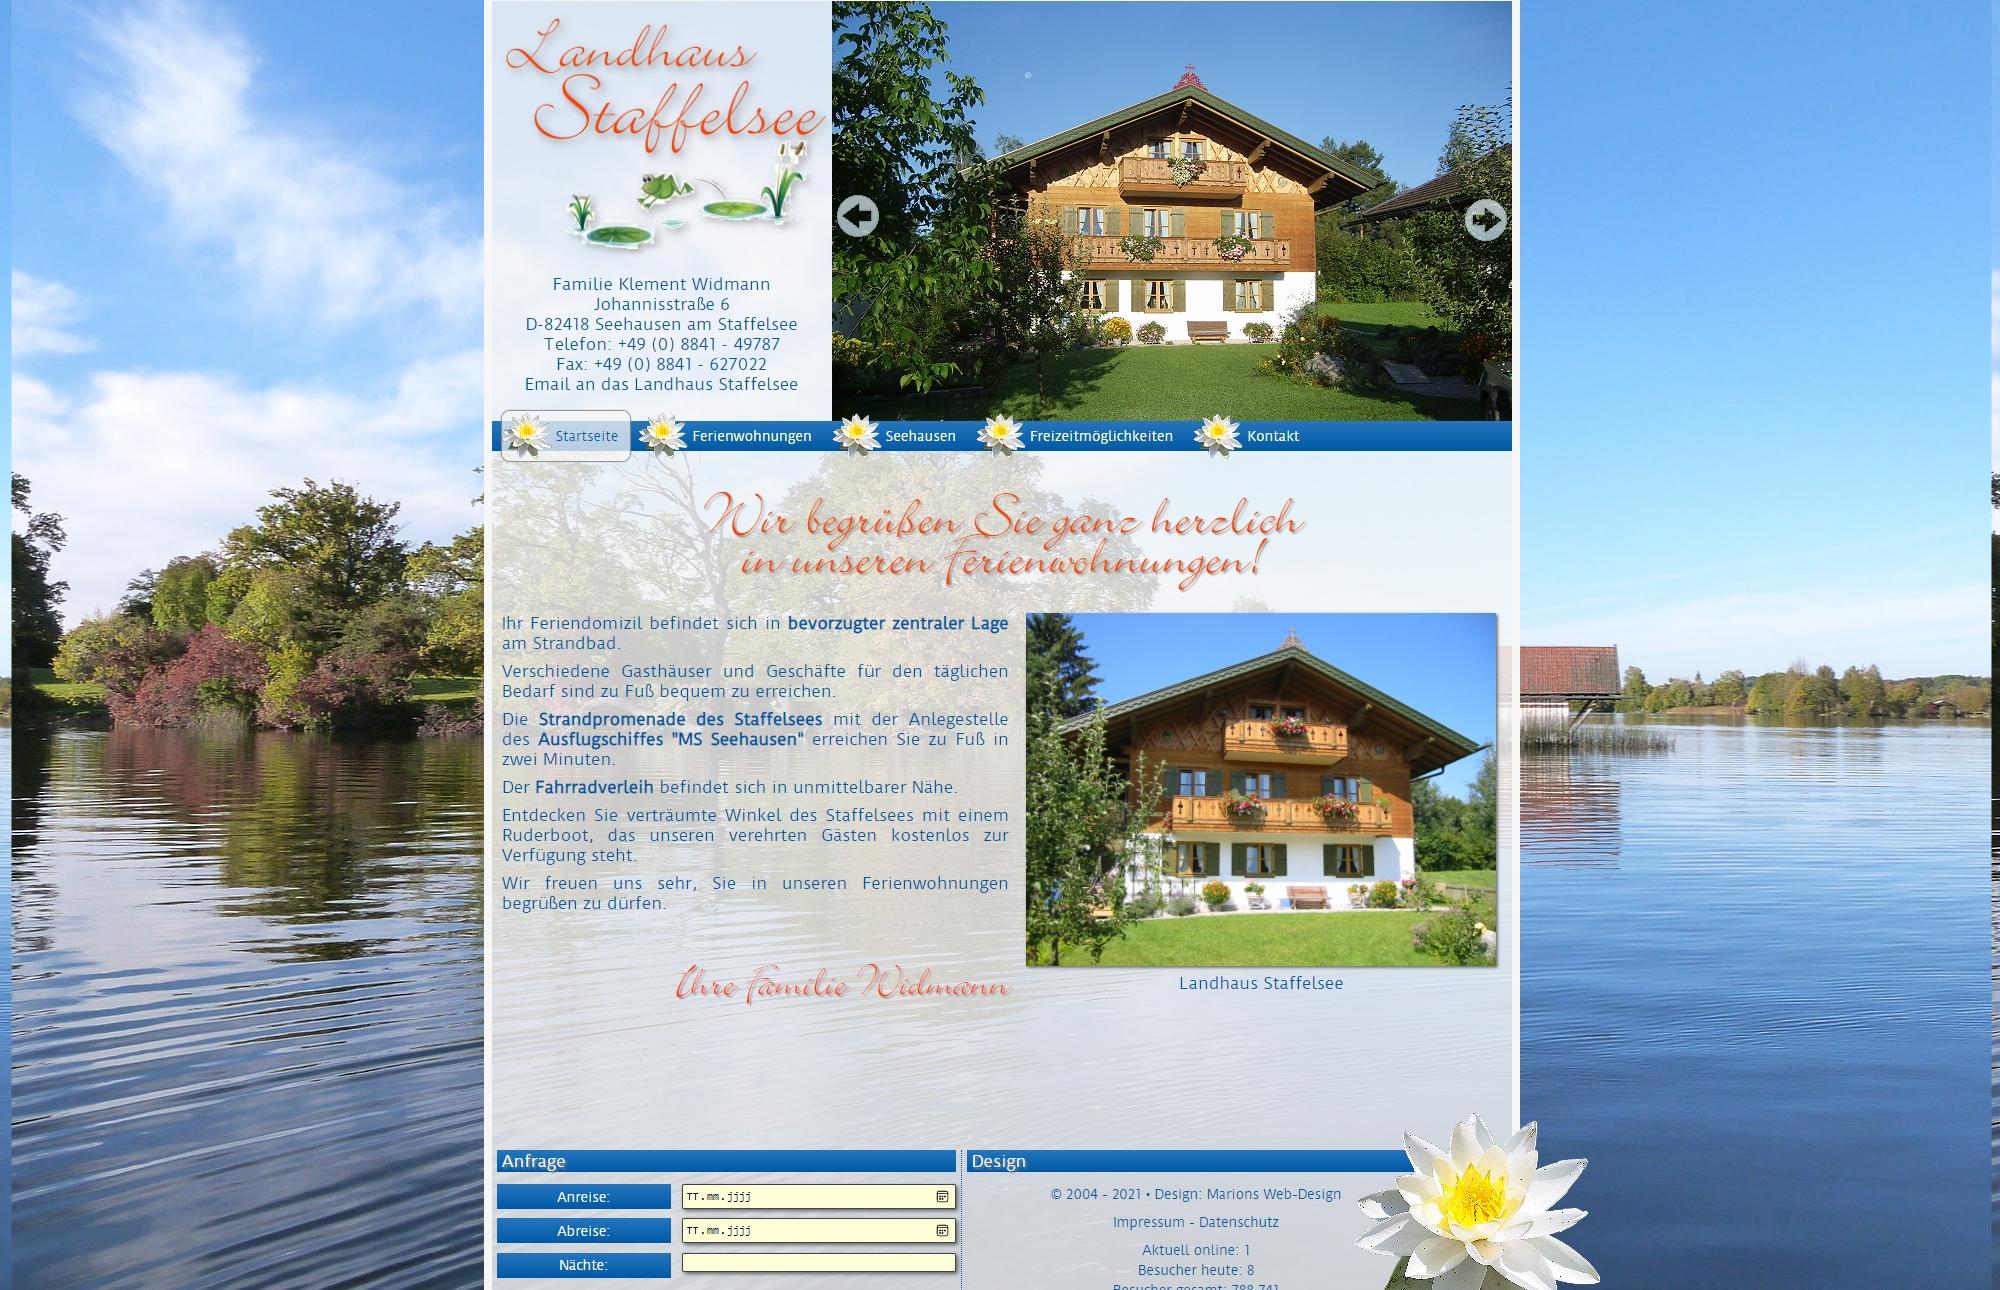 Landhaus Staffelsee, Seehausen